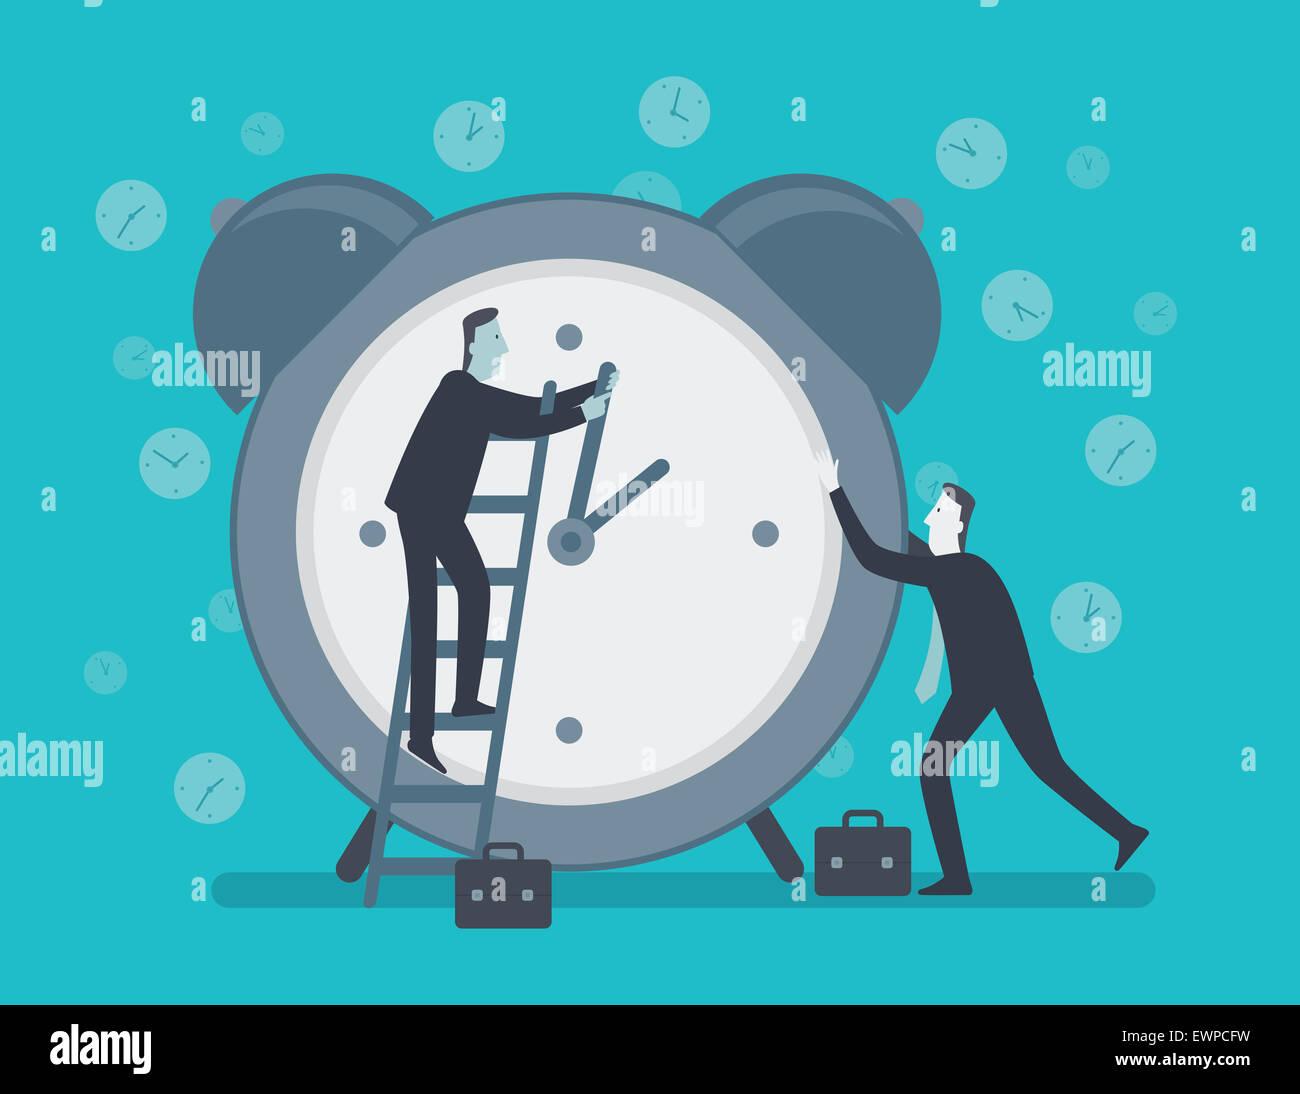 Immagine concettuale che rappresentano gli imprenditori cercano di fermare il tempo Immagini Stock